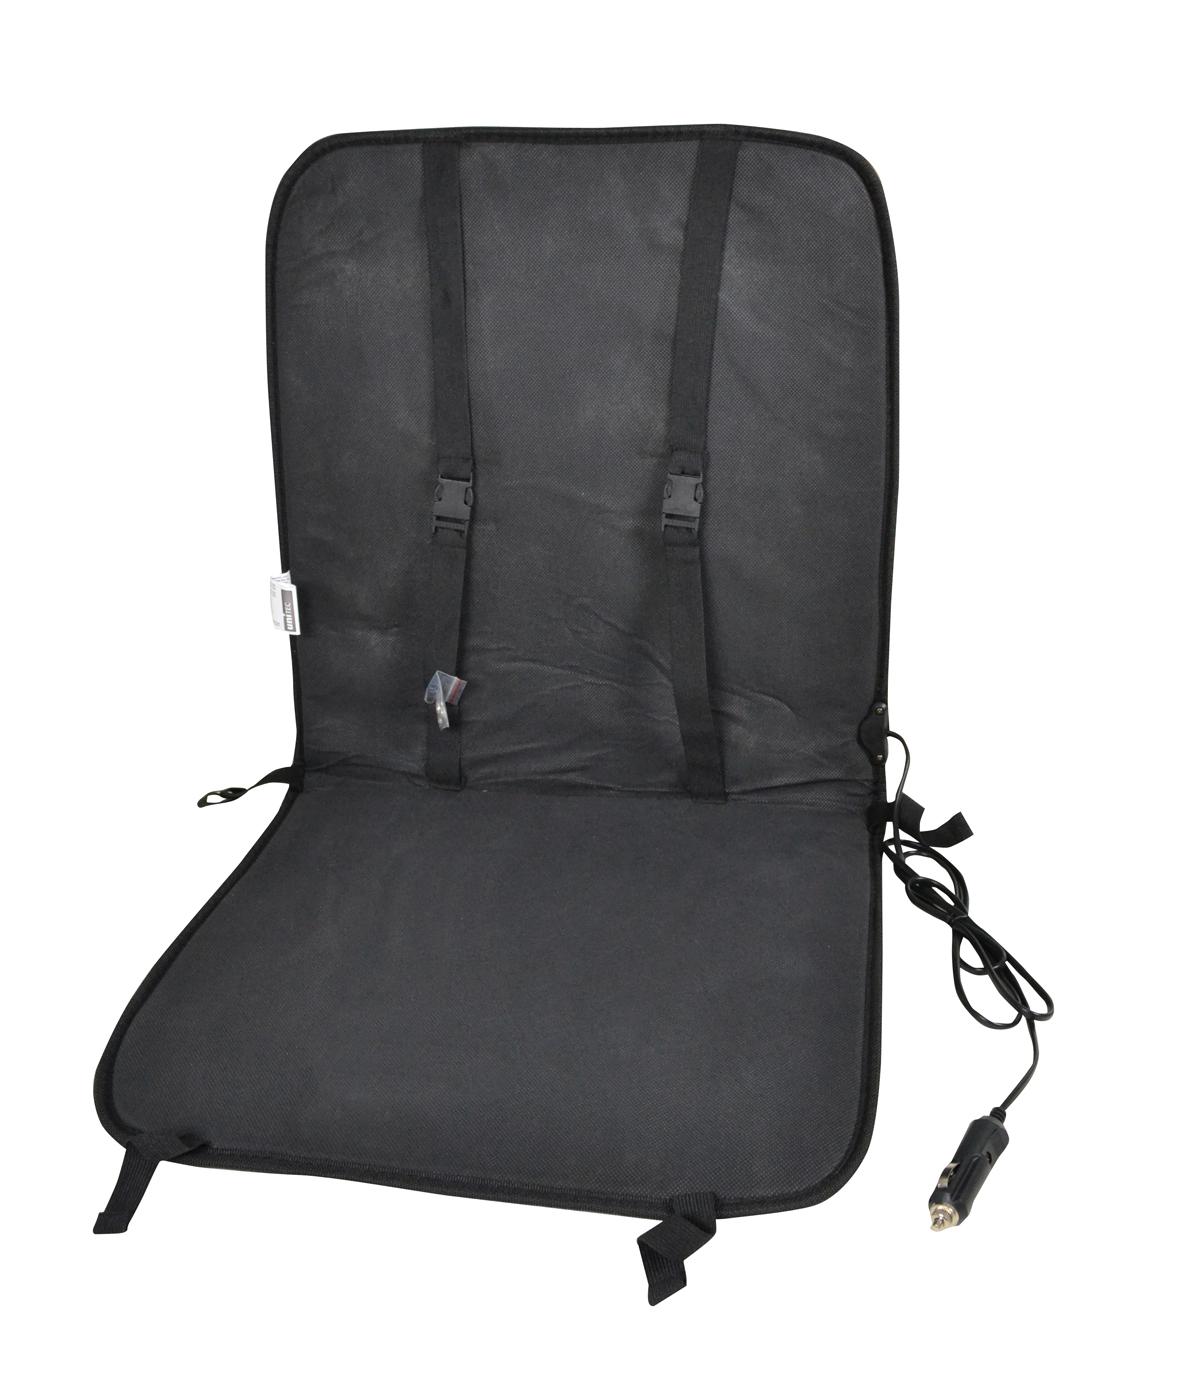 autositz auto sitz auflage heizung sitzheizung sitzauflage. Black Bedroom Furniture Sets. Home Design Ideas